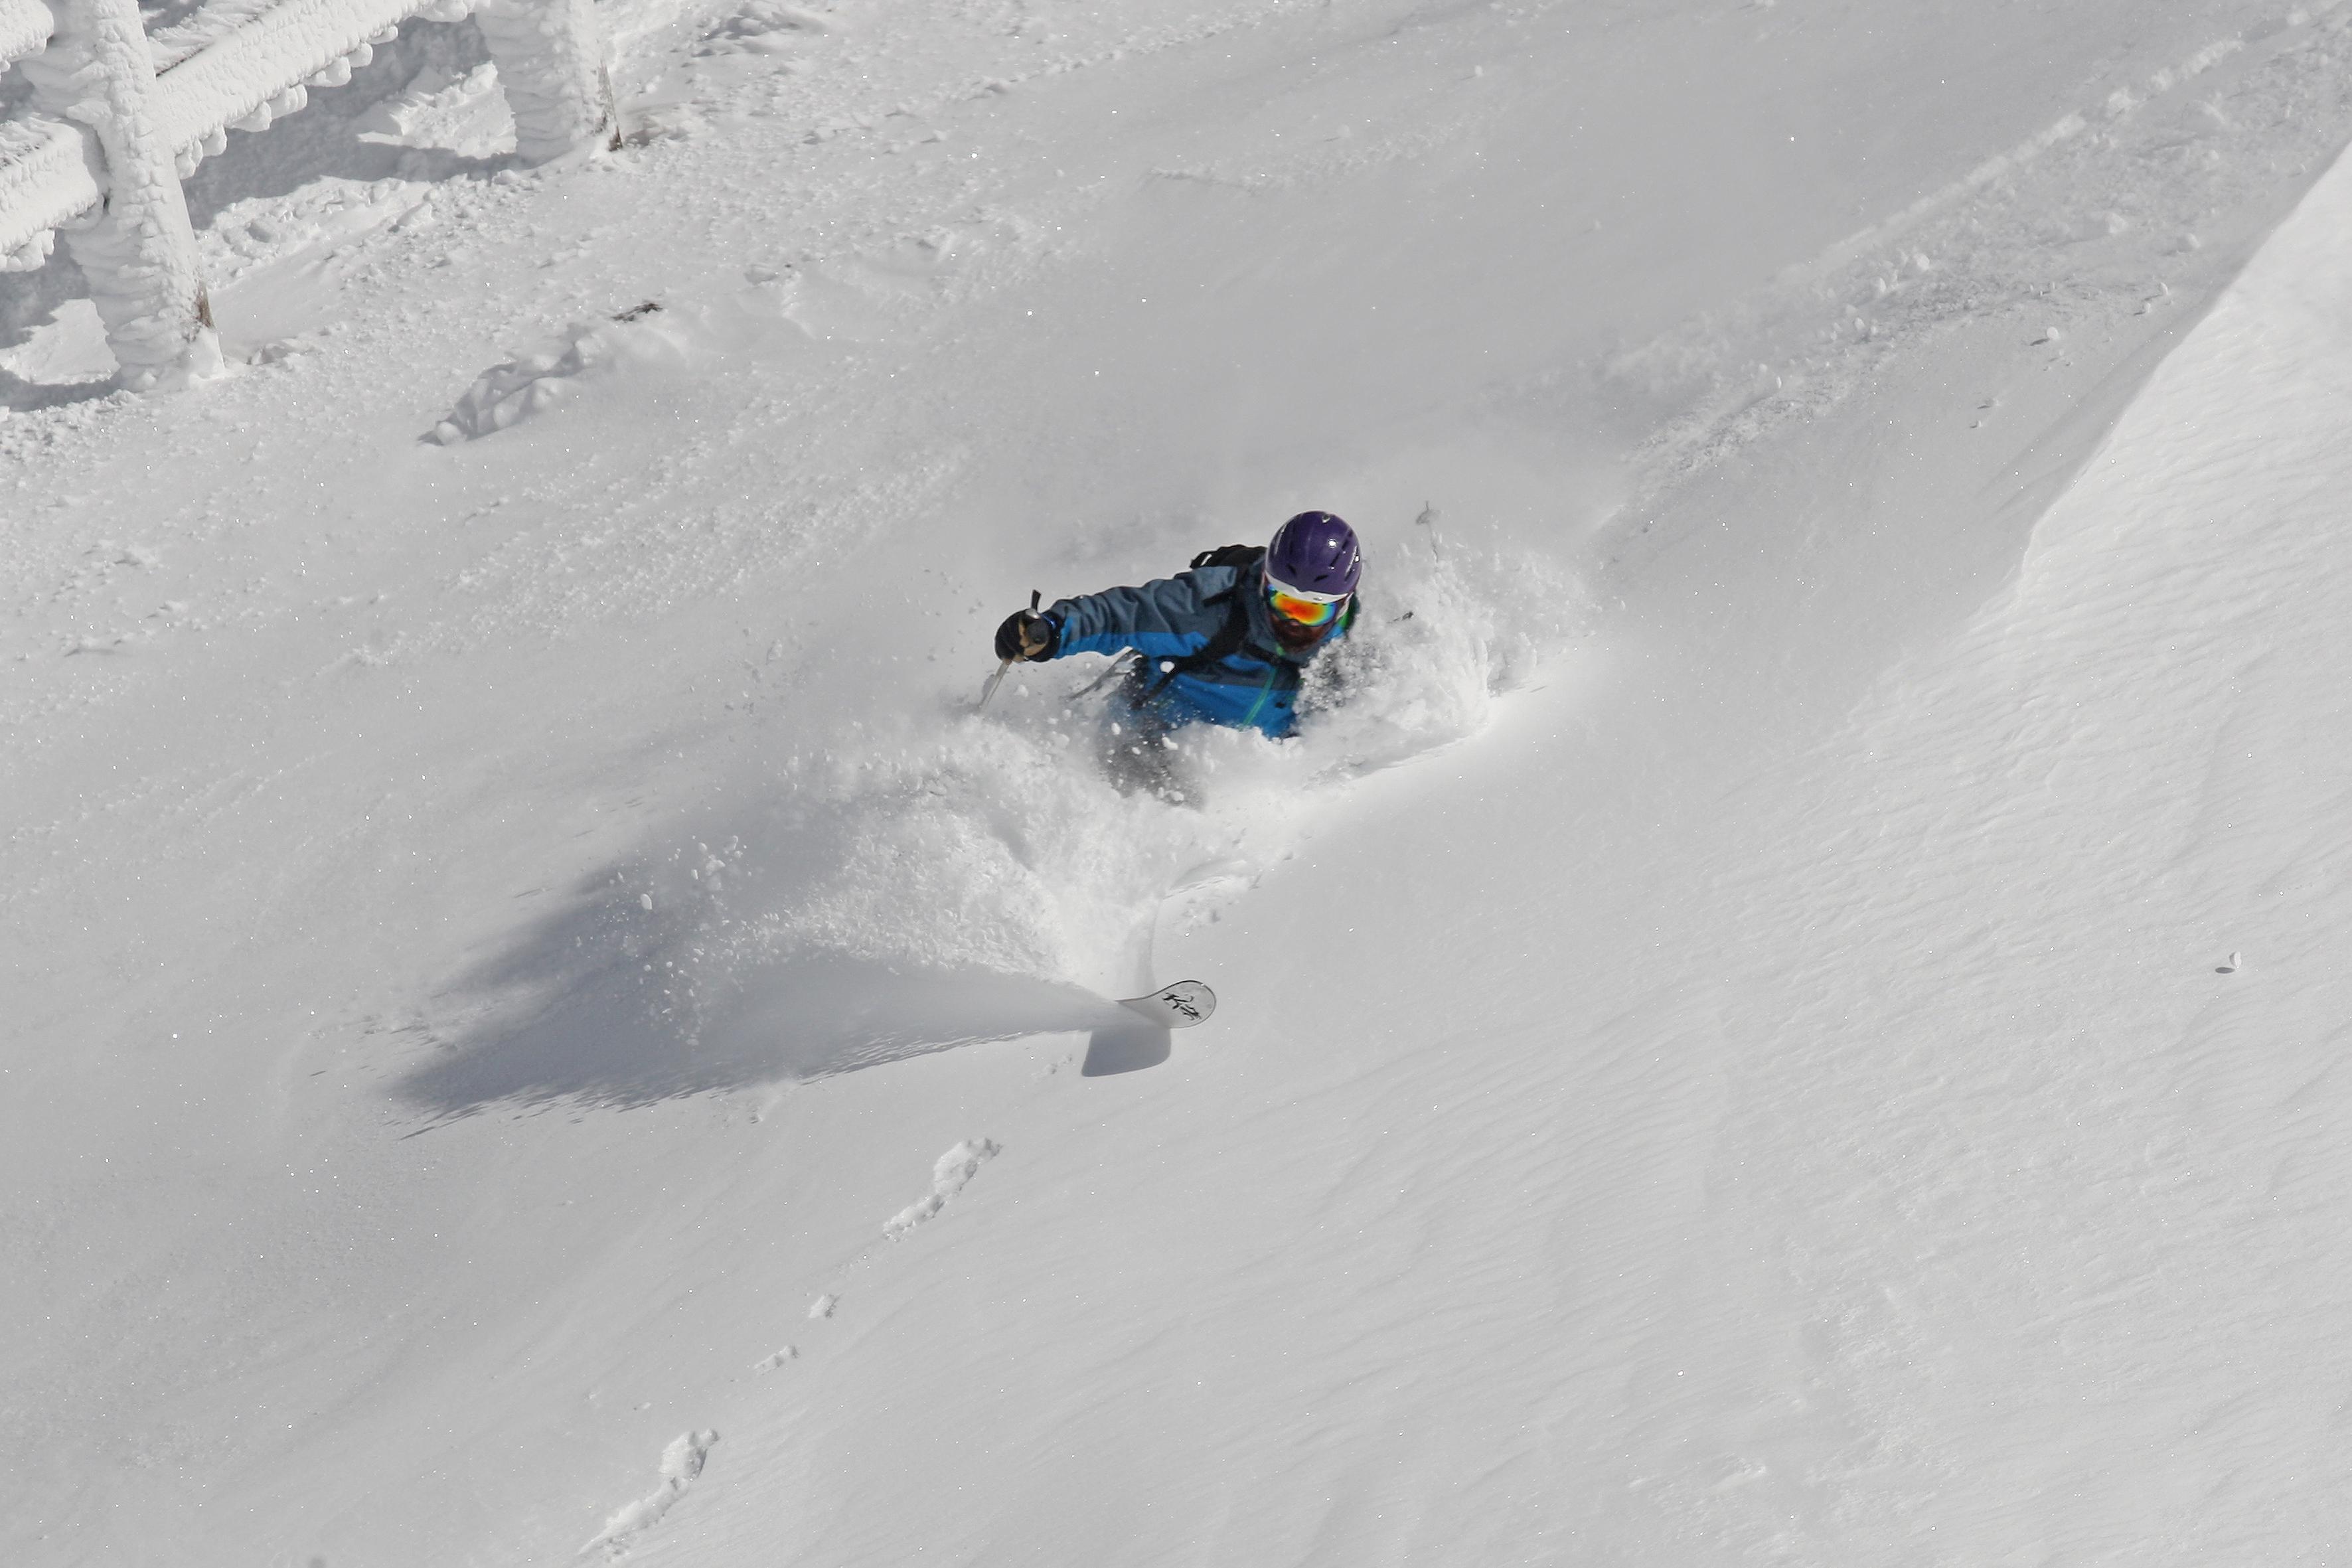 Siente la nieve y combina los deportes de invierno a tu gusto.